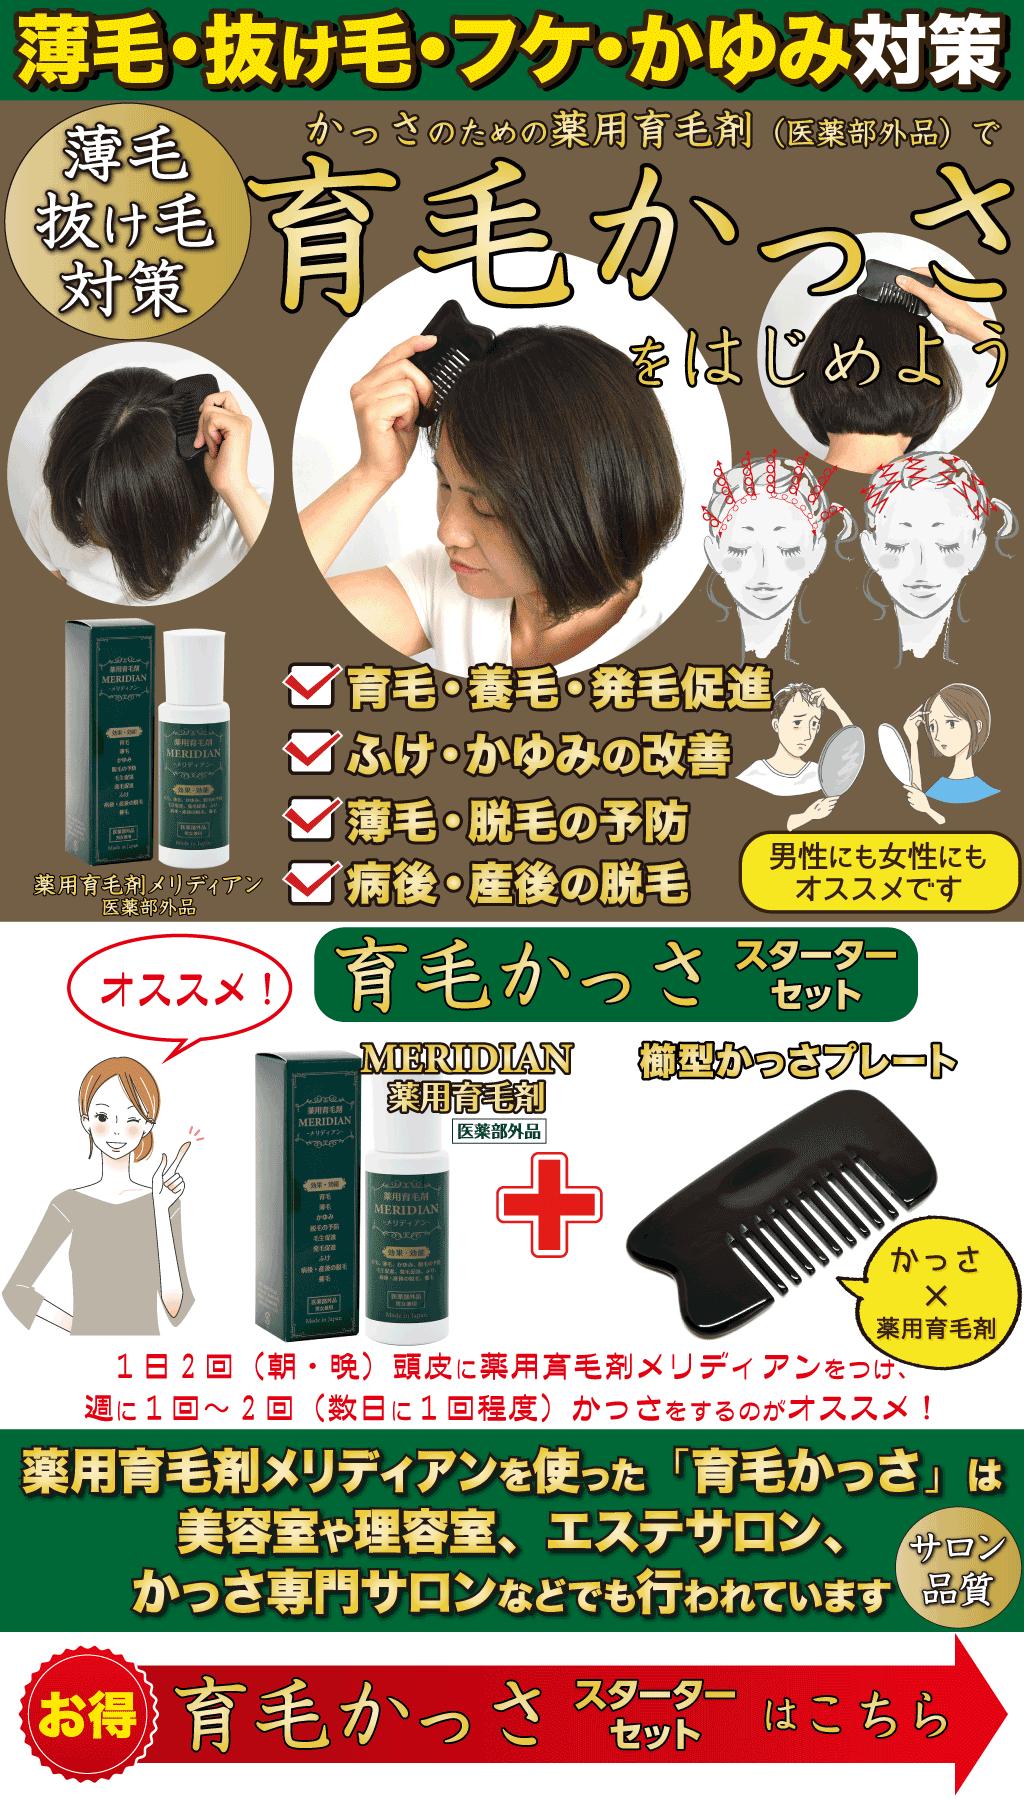 育毛かっさで薄毛・抜け毛を改善